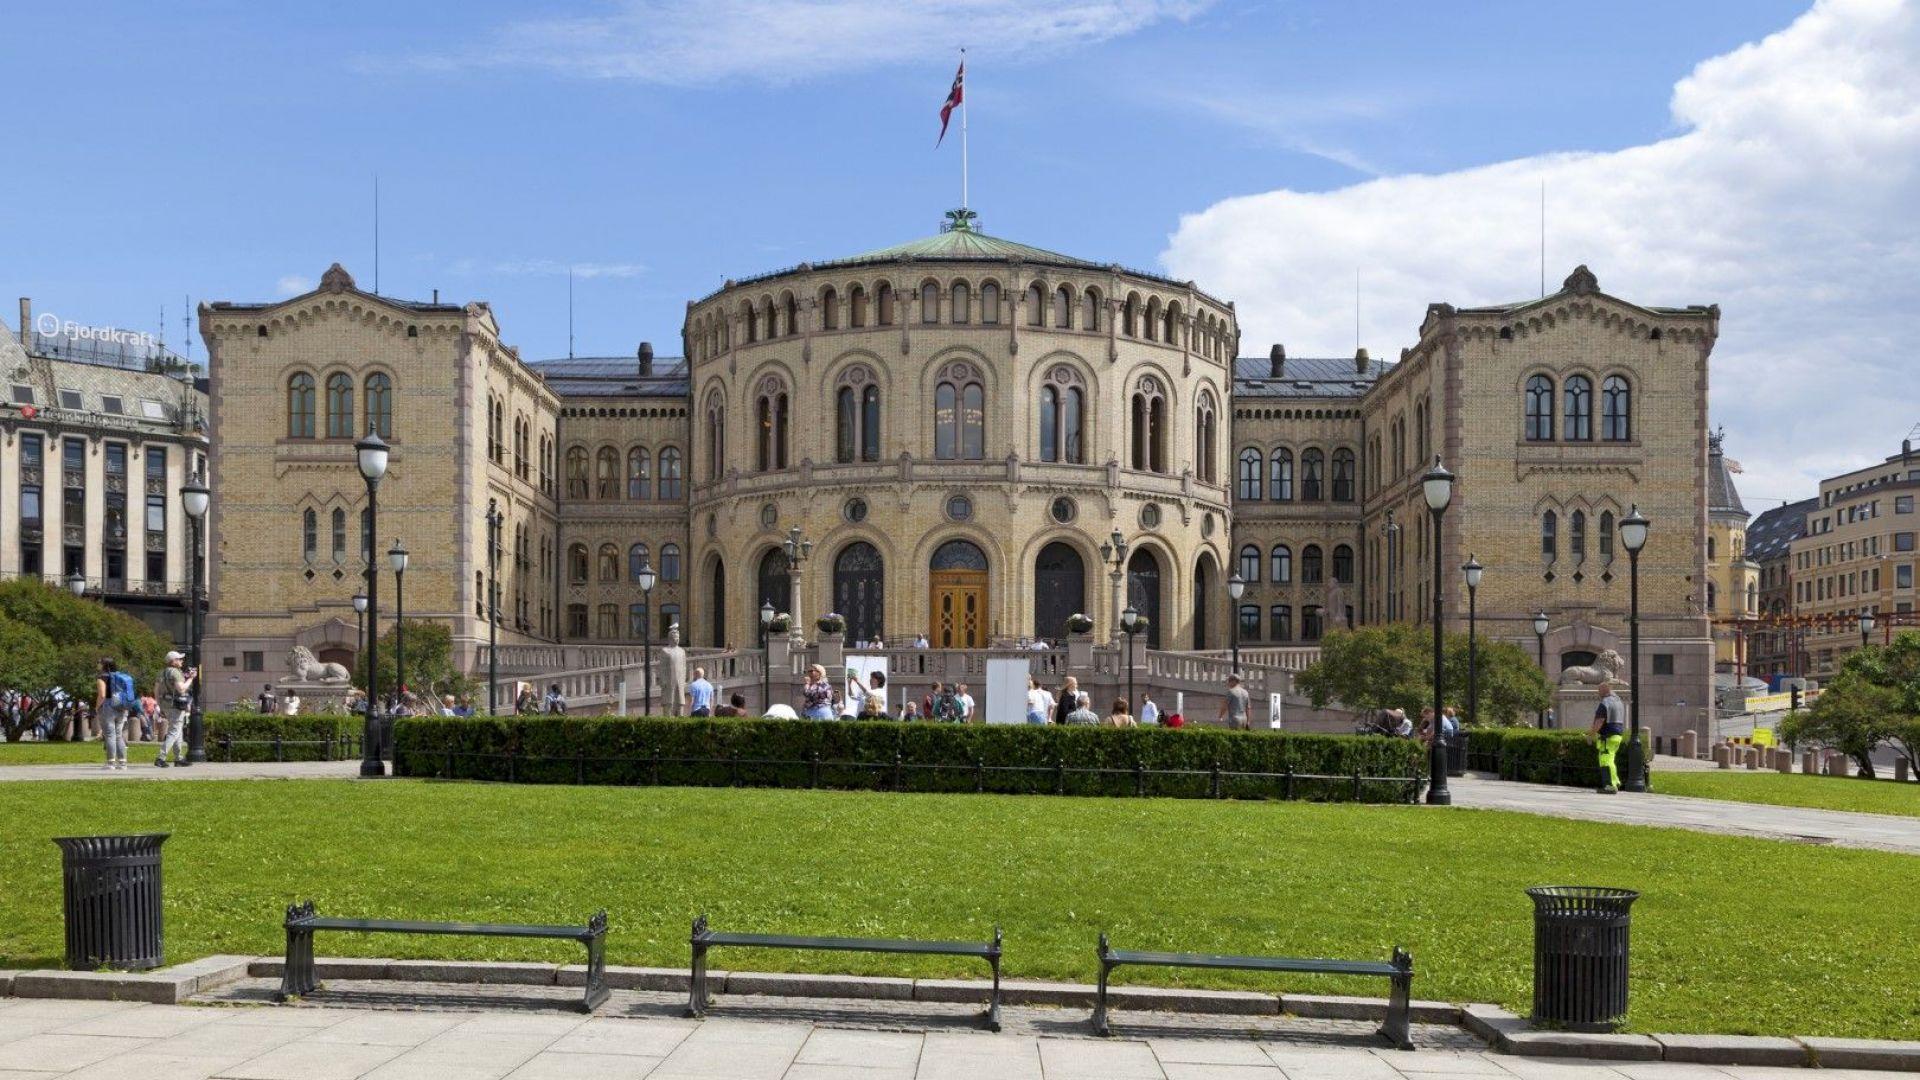 Норвегия твърди, че Русия стои зад кибератаката срещу нейния парламент, Москва отрича